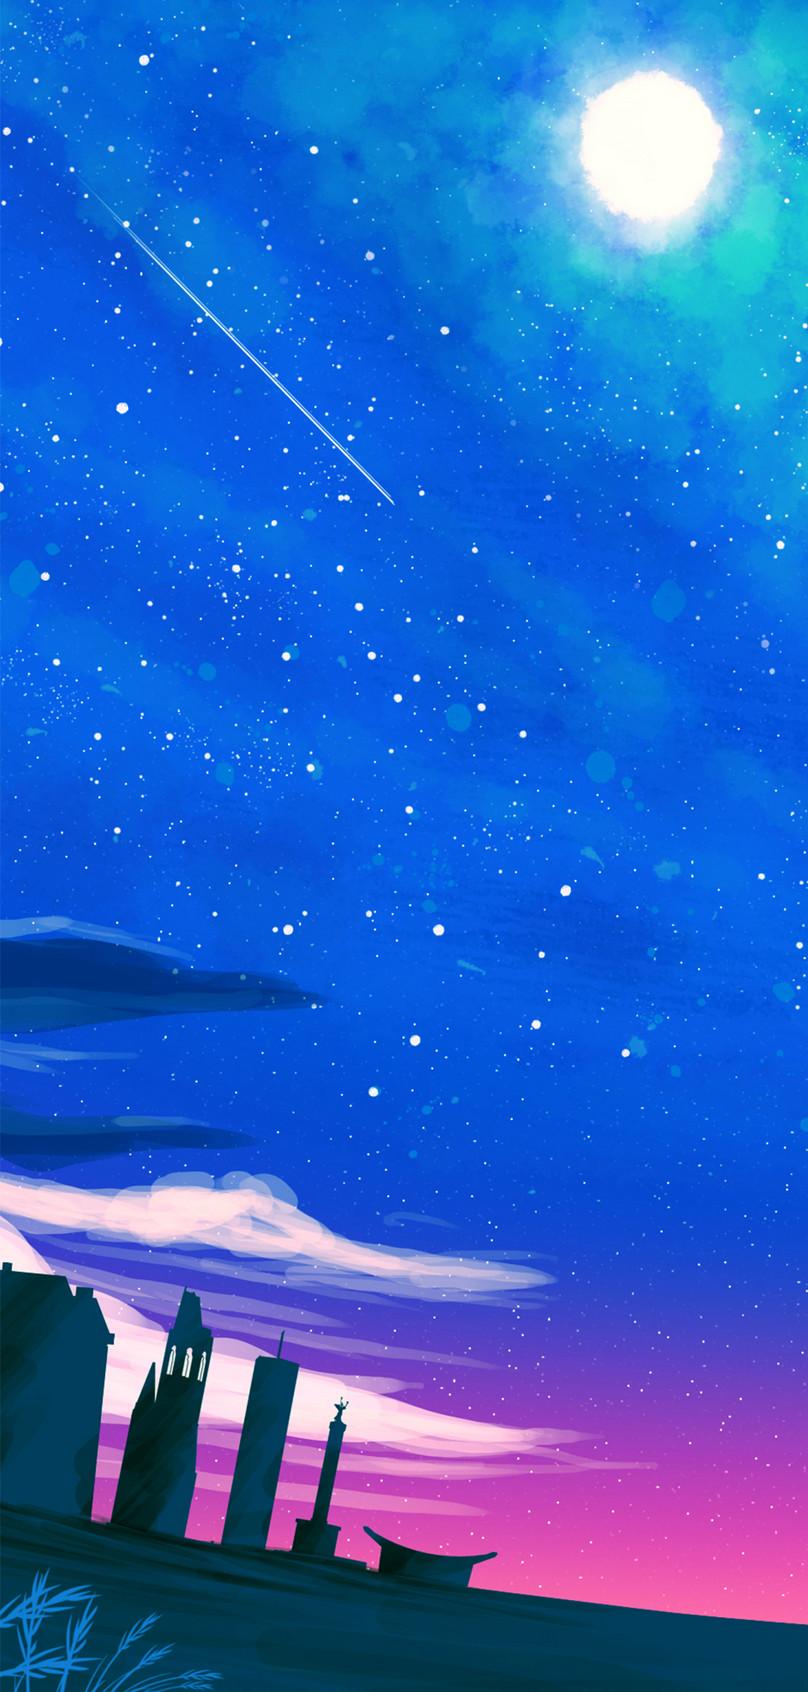 夜空の携帯壁紙イメージ 背景 Id 400345785 Prf画像フォーマットjpg Jp